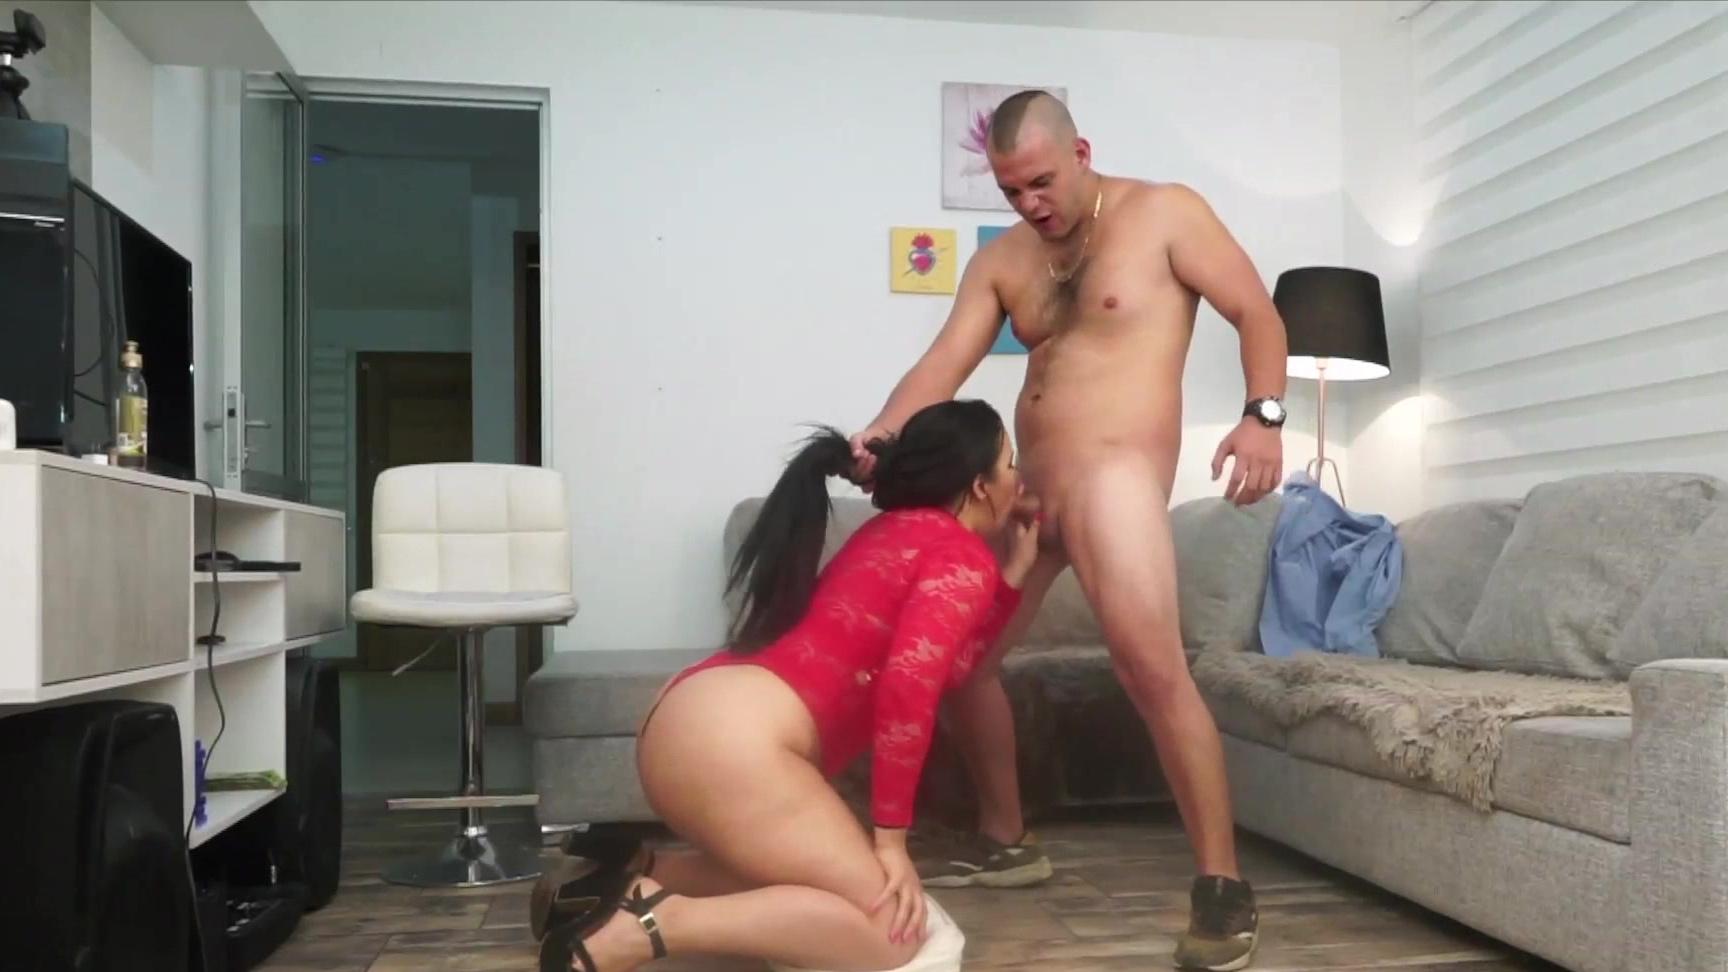 Alondra Porno thicc latina alondra begs for a gooey cum (alondra, pedro